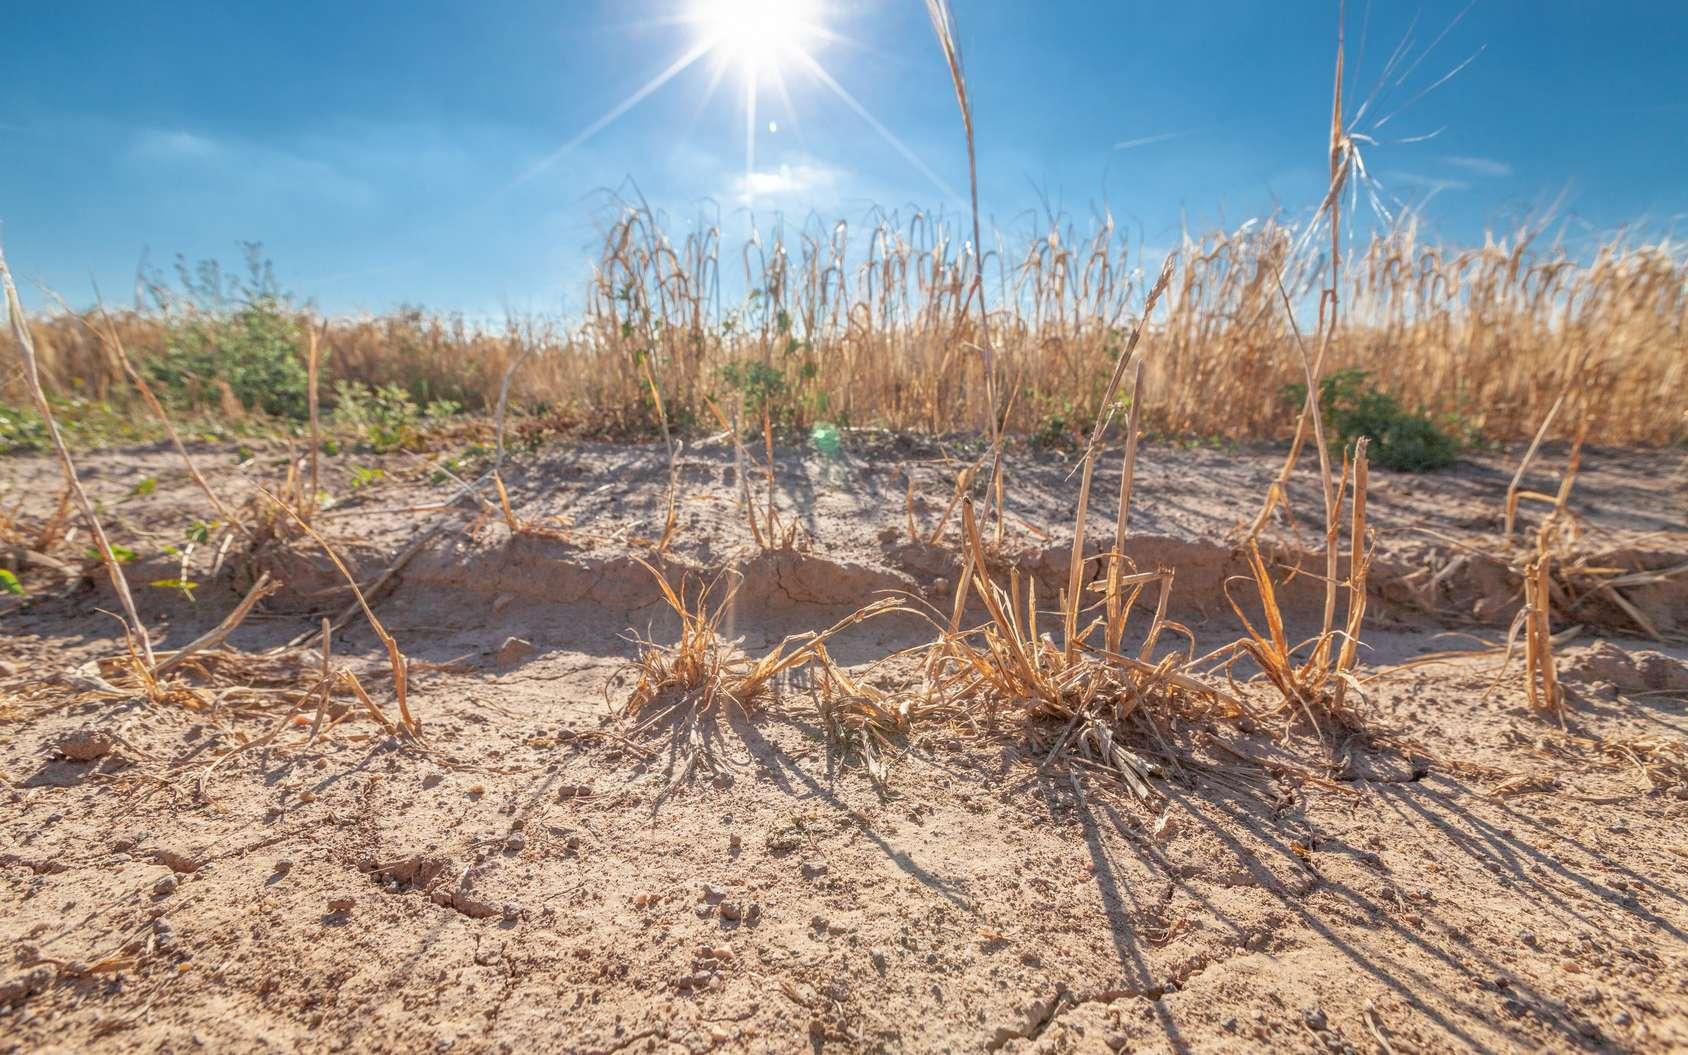 Les phénomènes de sécheresse deviennent de plus en plus récurrents dans une bonne partie de l'Europe. © Hykoe, Fotolia